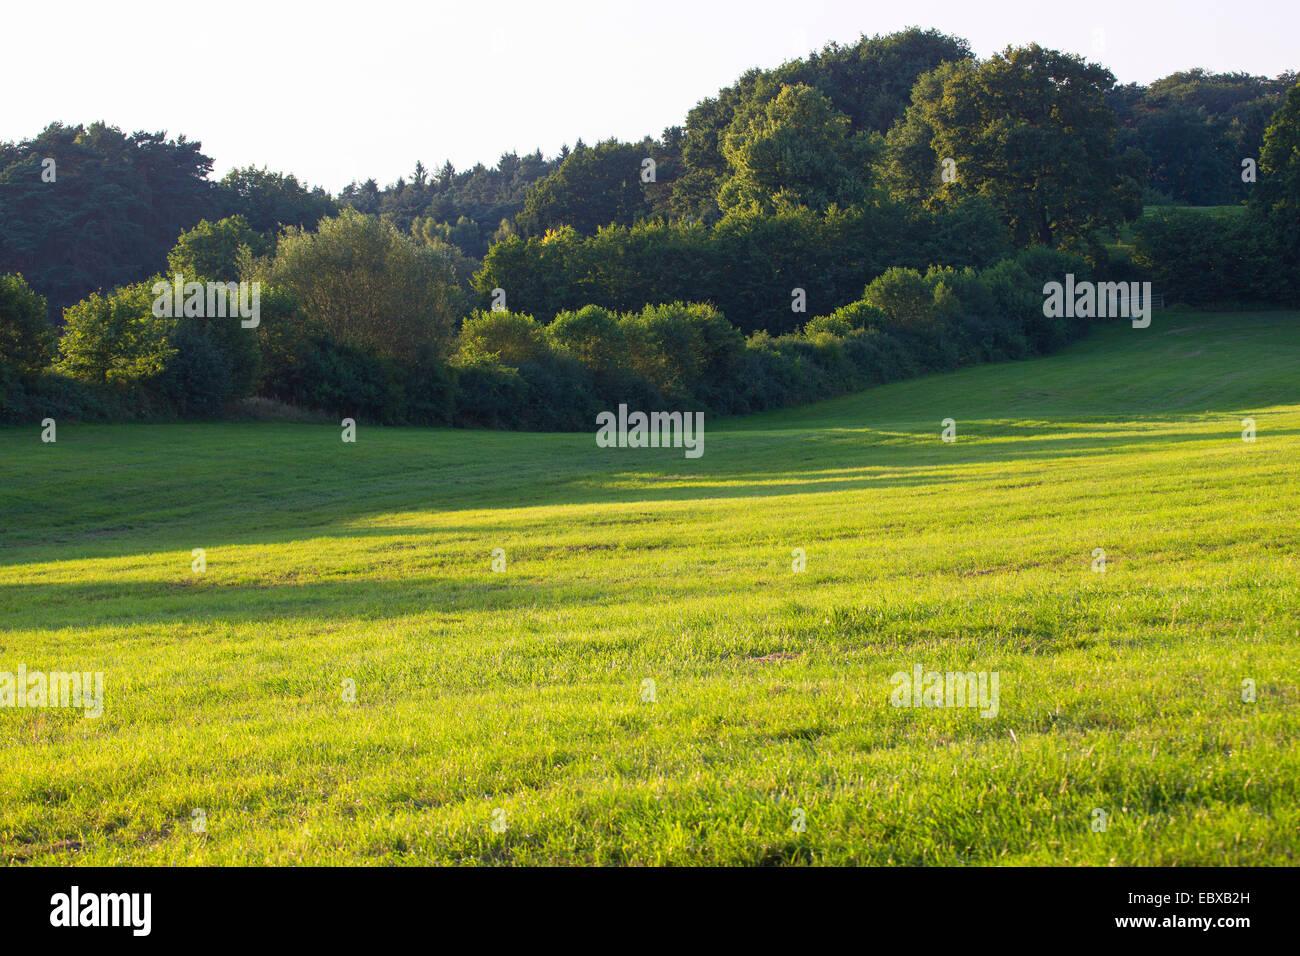 Pascoli con hedge banche, Germania, Schleswig-Holstein Immagini Stock